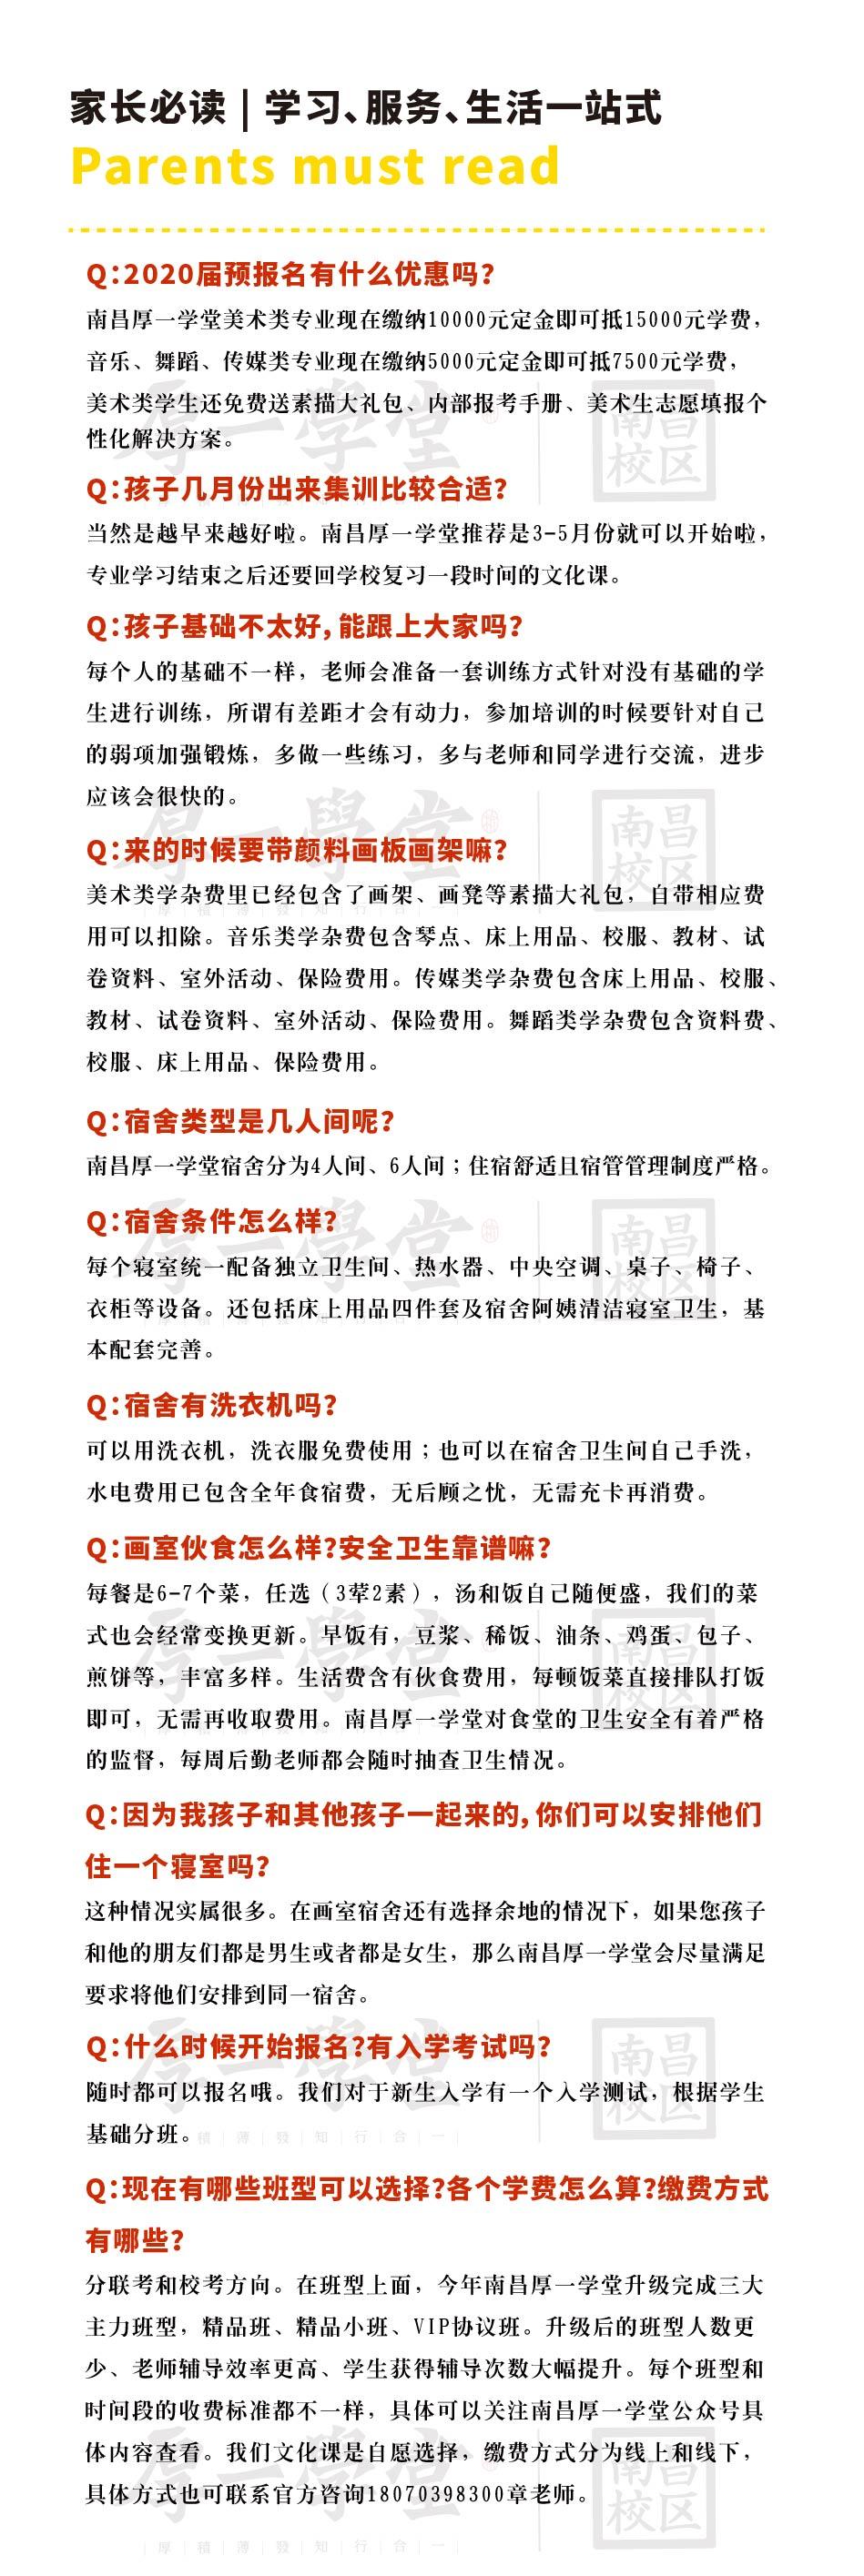 3-10厚一学堂学生家长必读-01.jpg